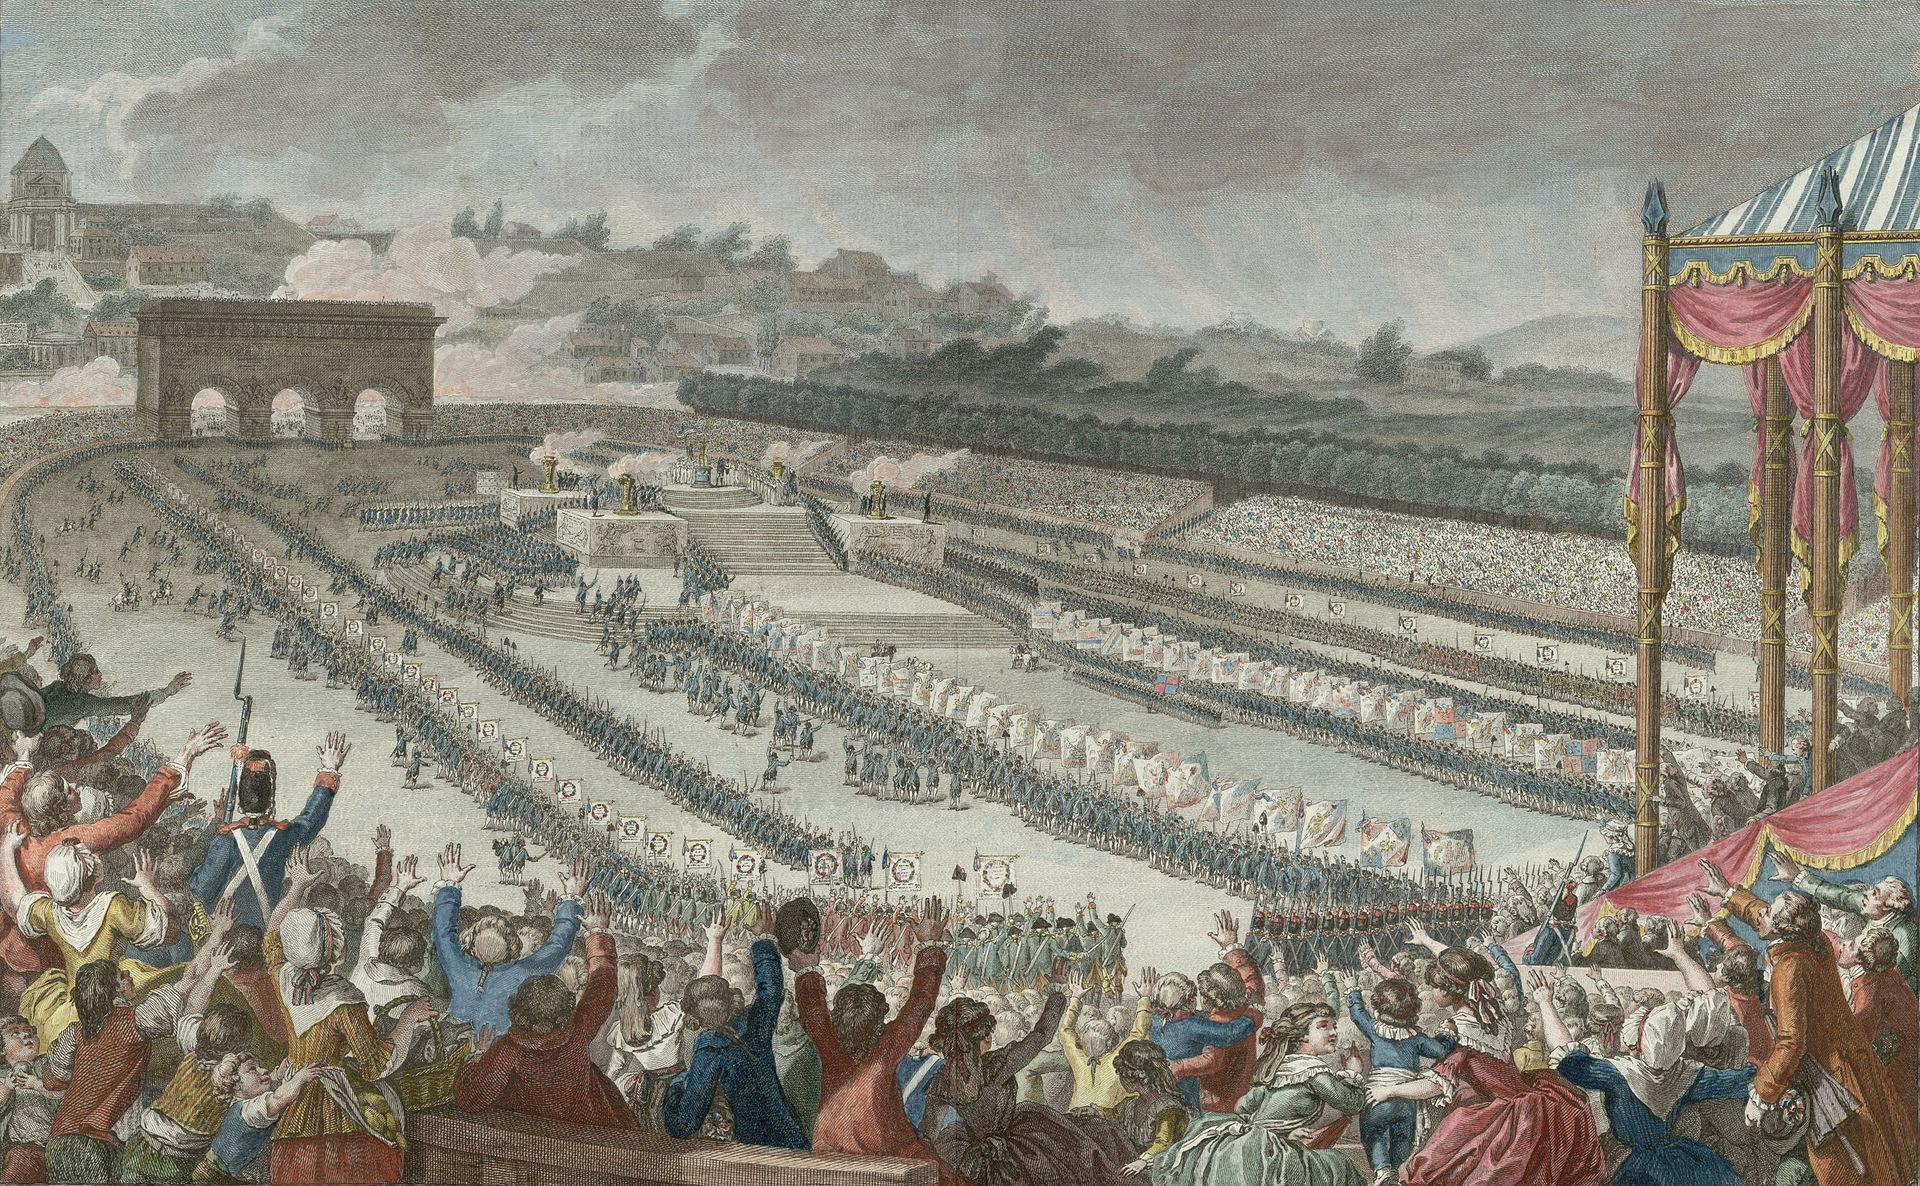 La Fête de la Fédération au Champ de Mars, 14 juillet 1790, gravure de Isidore Stanislas Helman, BnF, Paris.